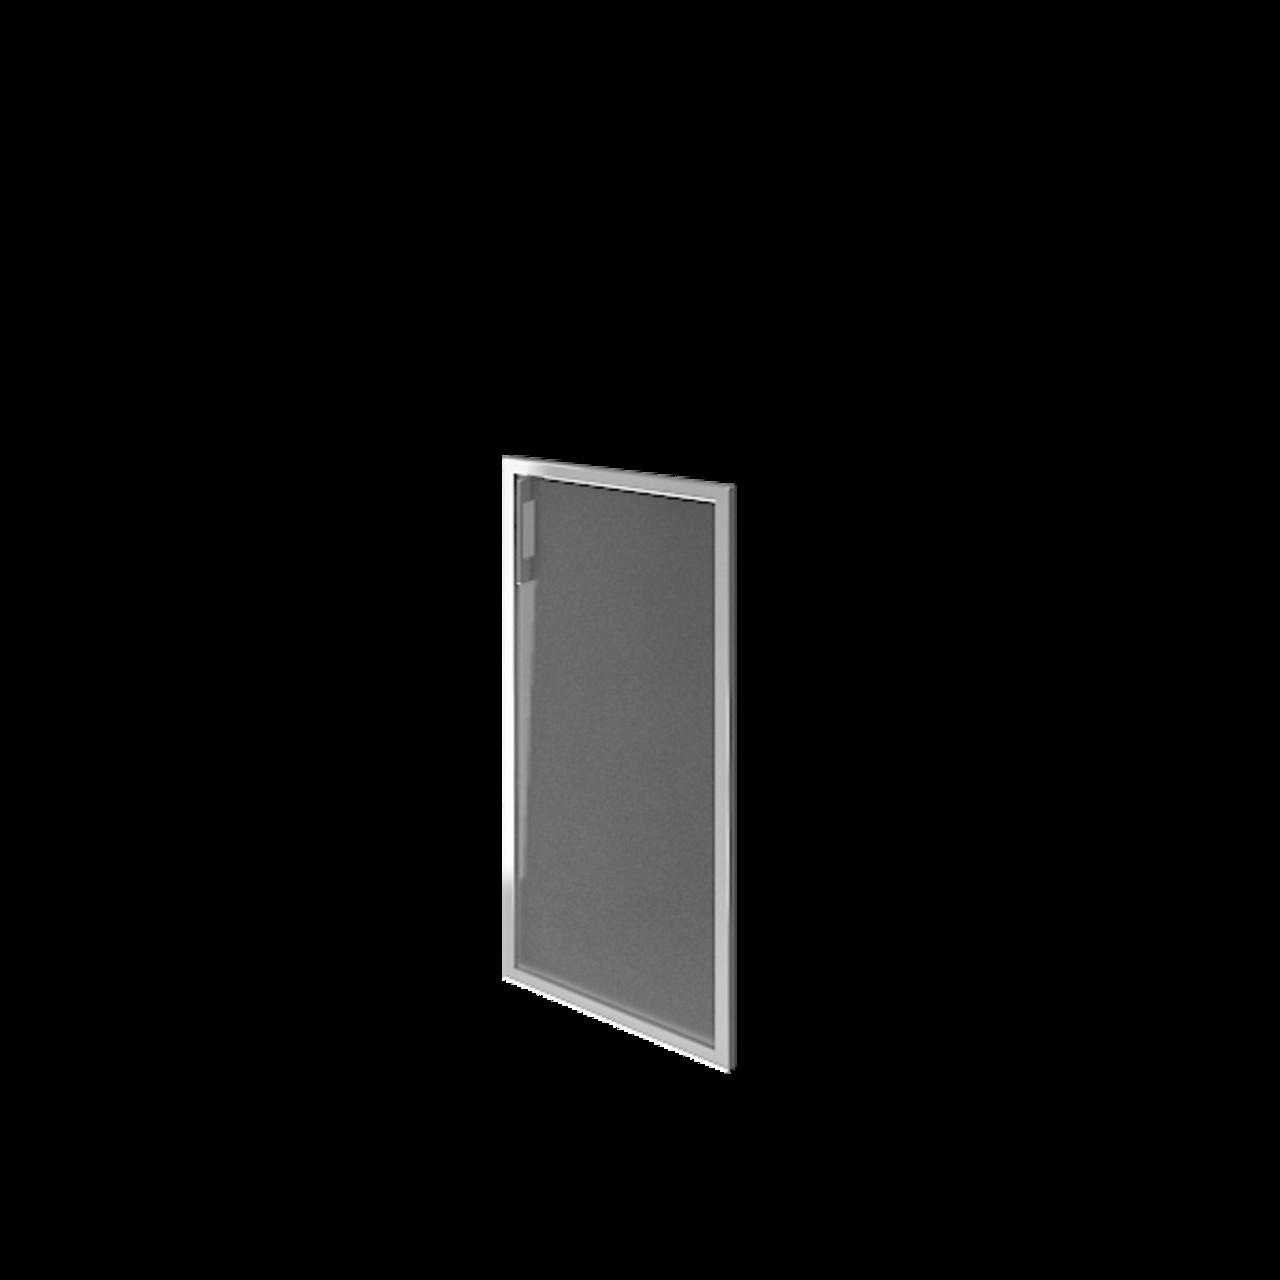 Дверь стекло в раме низкое правая - фото 5